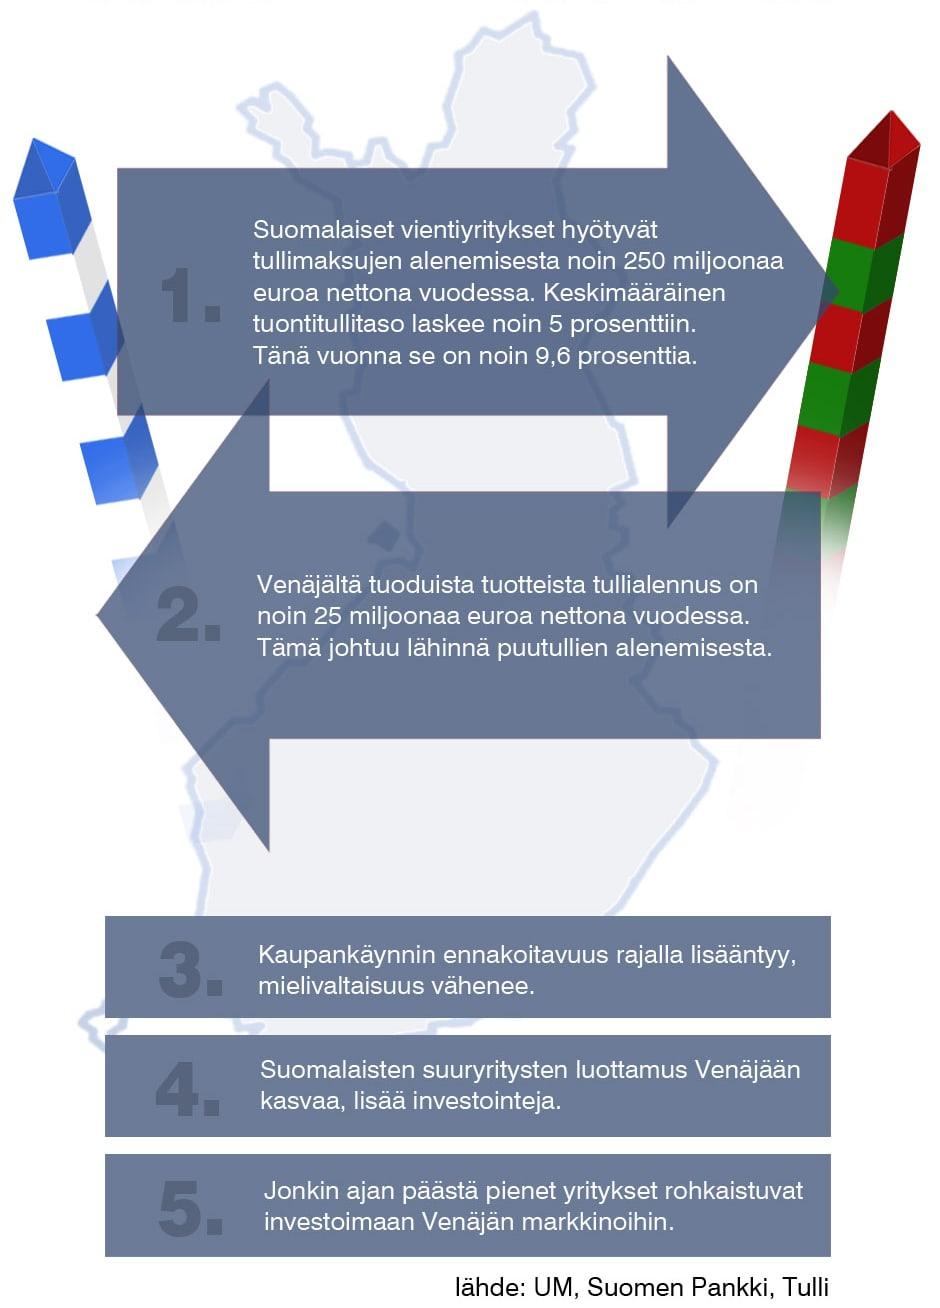 Näin Suomi hyötyy Venäjän WTO-jäsenyydestä -grafiikka.